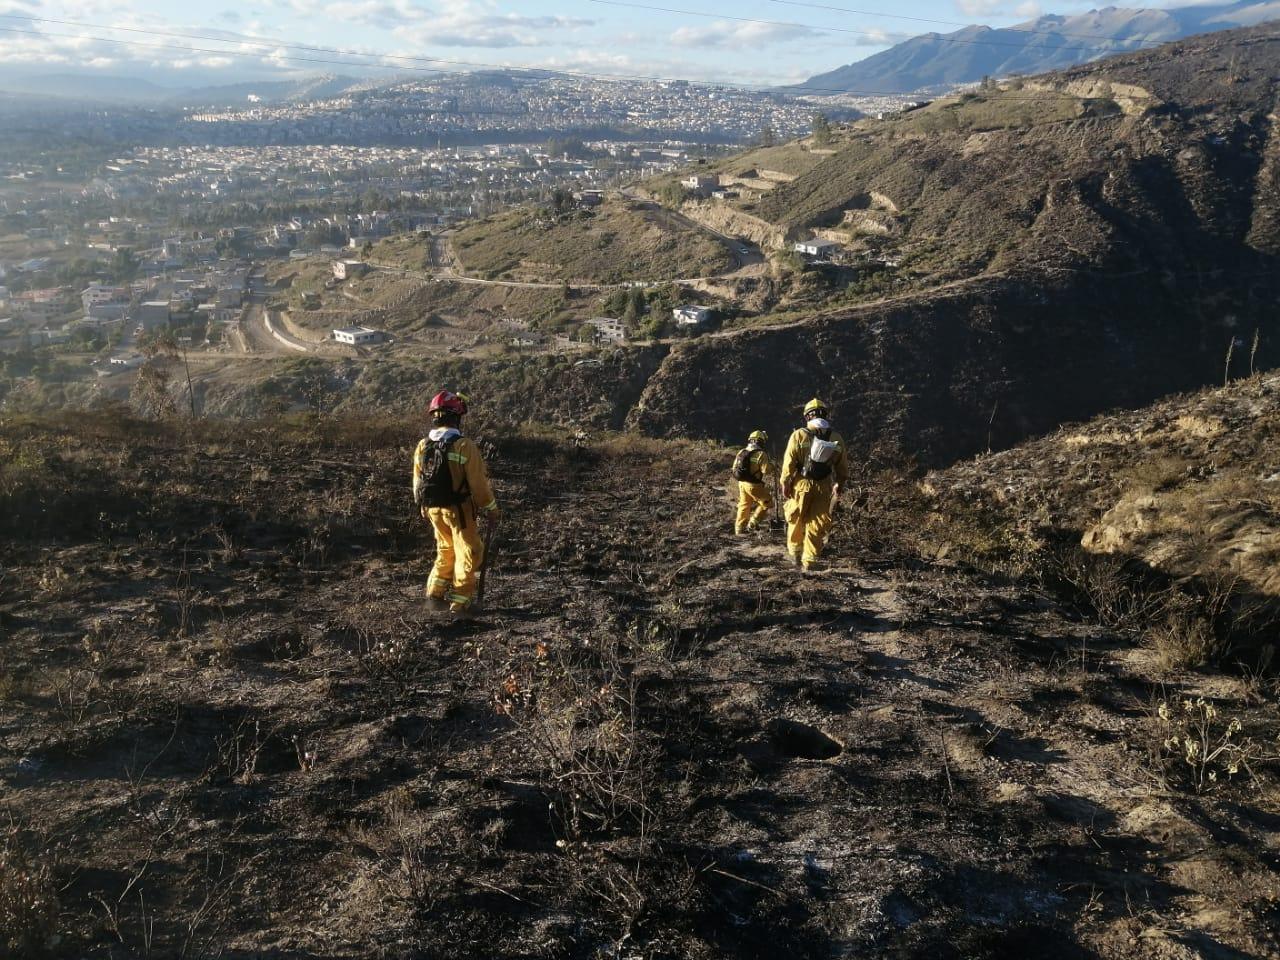 Apoyo del Cuerpo de Bomberos Rumiñahui en incendio del Cerro Casitagua